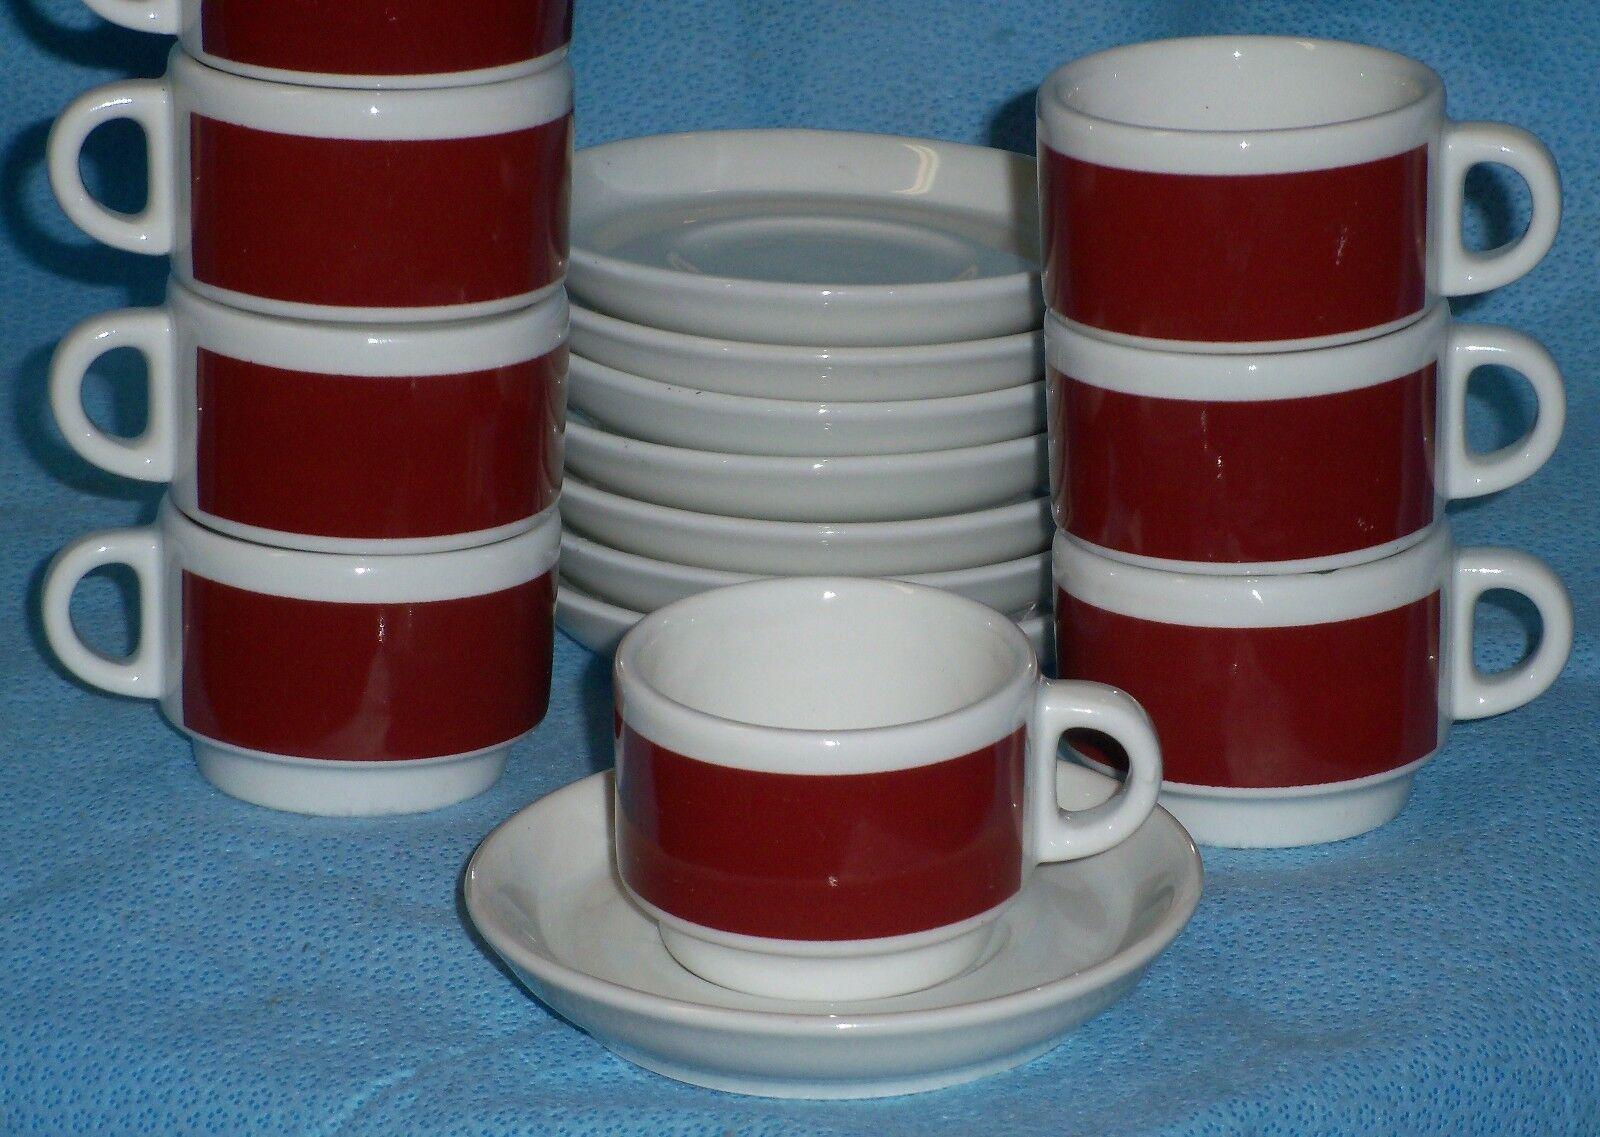 Lot de 8 IPA Italie espresso Tasse à Café & Soucoupe - 3 oz (environ 85.05 g) Résistant Restaurant Grade